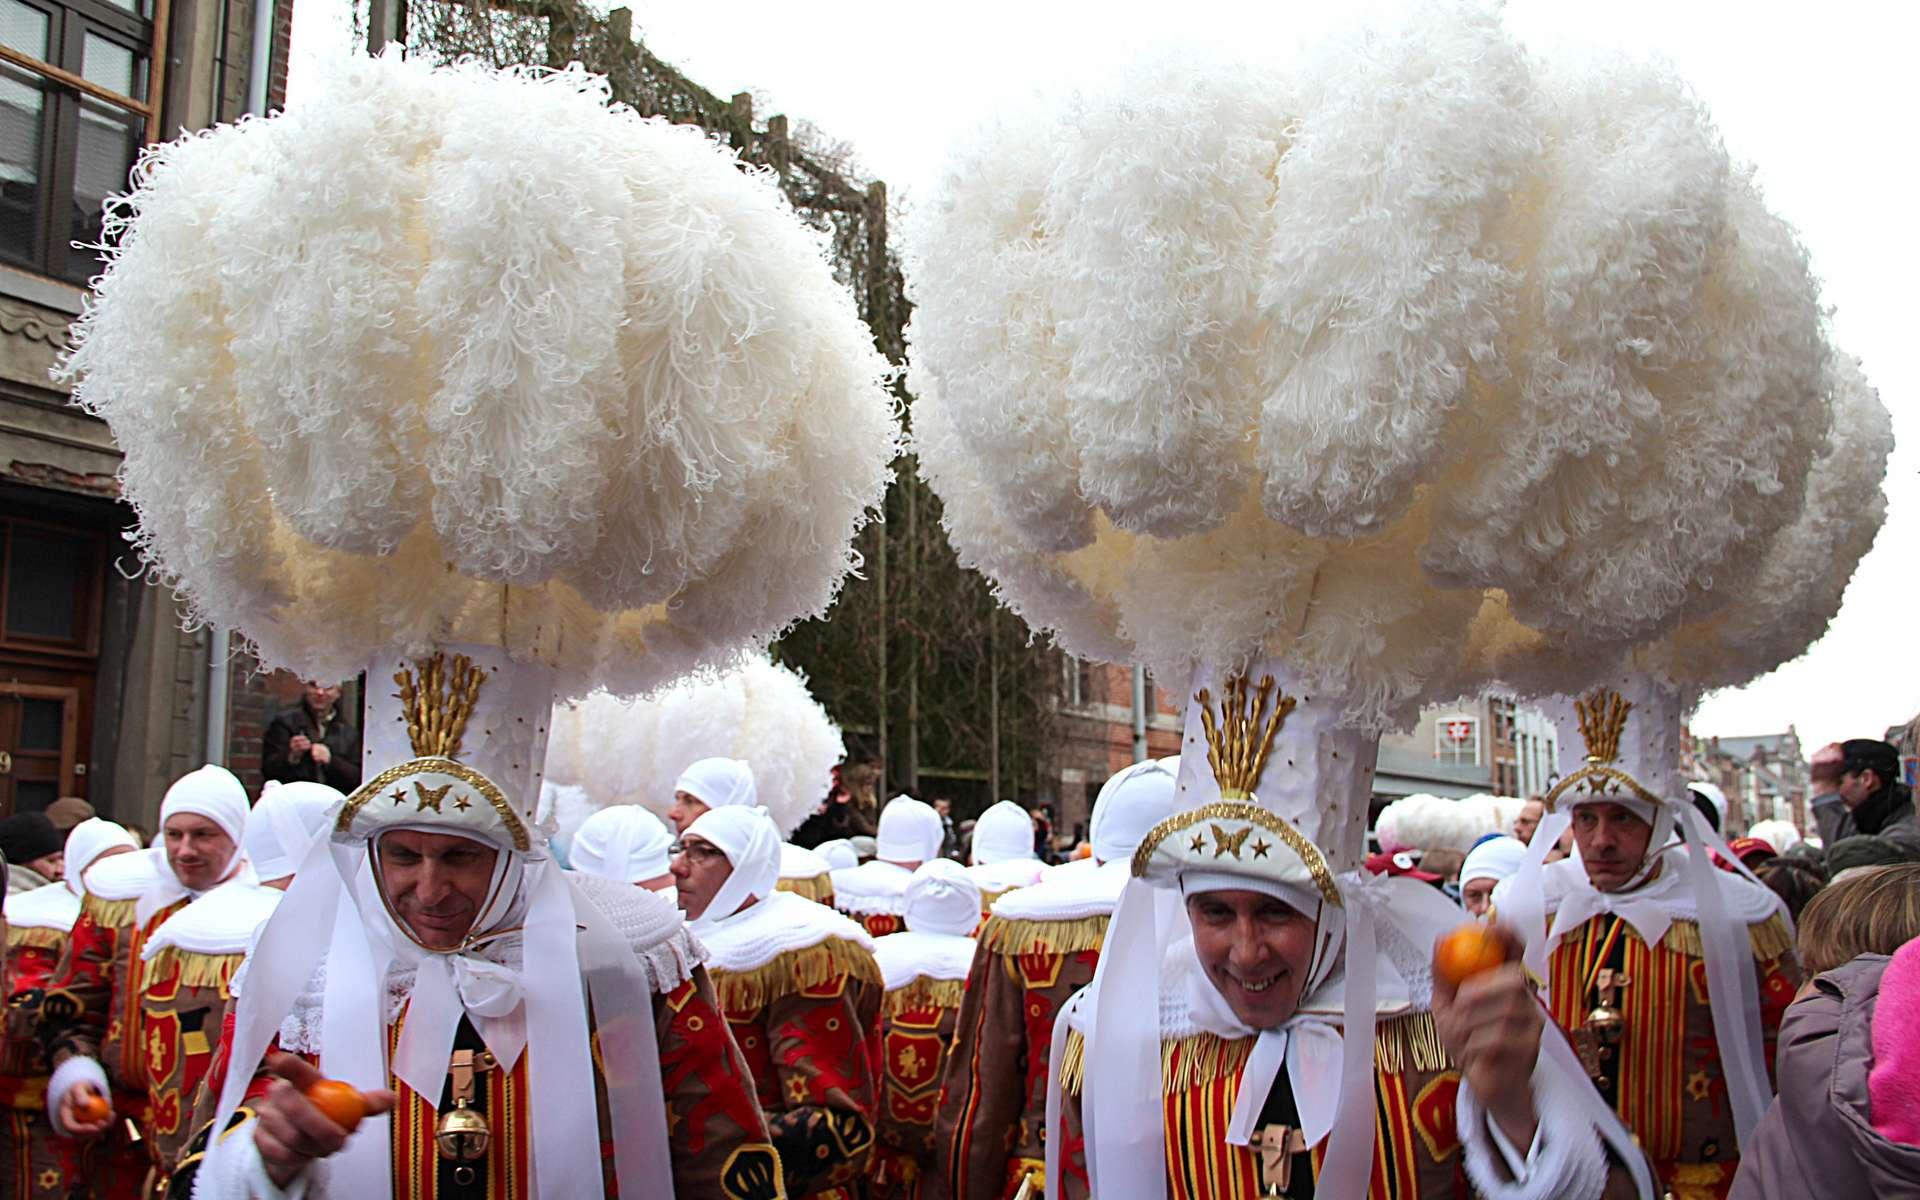 Quel panache ! Défilé des Gilles pendant le carnaval de Binche. © Jean-Pol Grandmont, Wikimedia Commons, by-sa 3.0